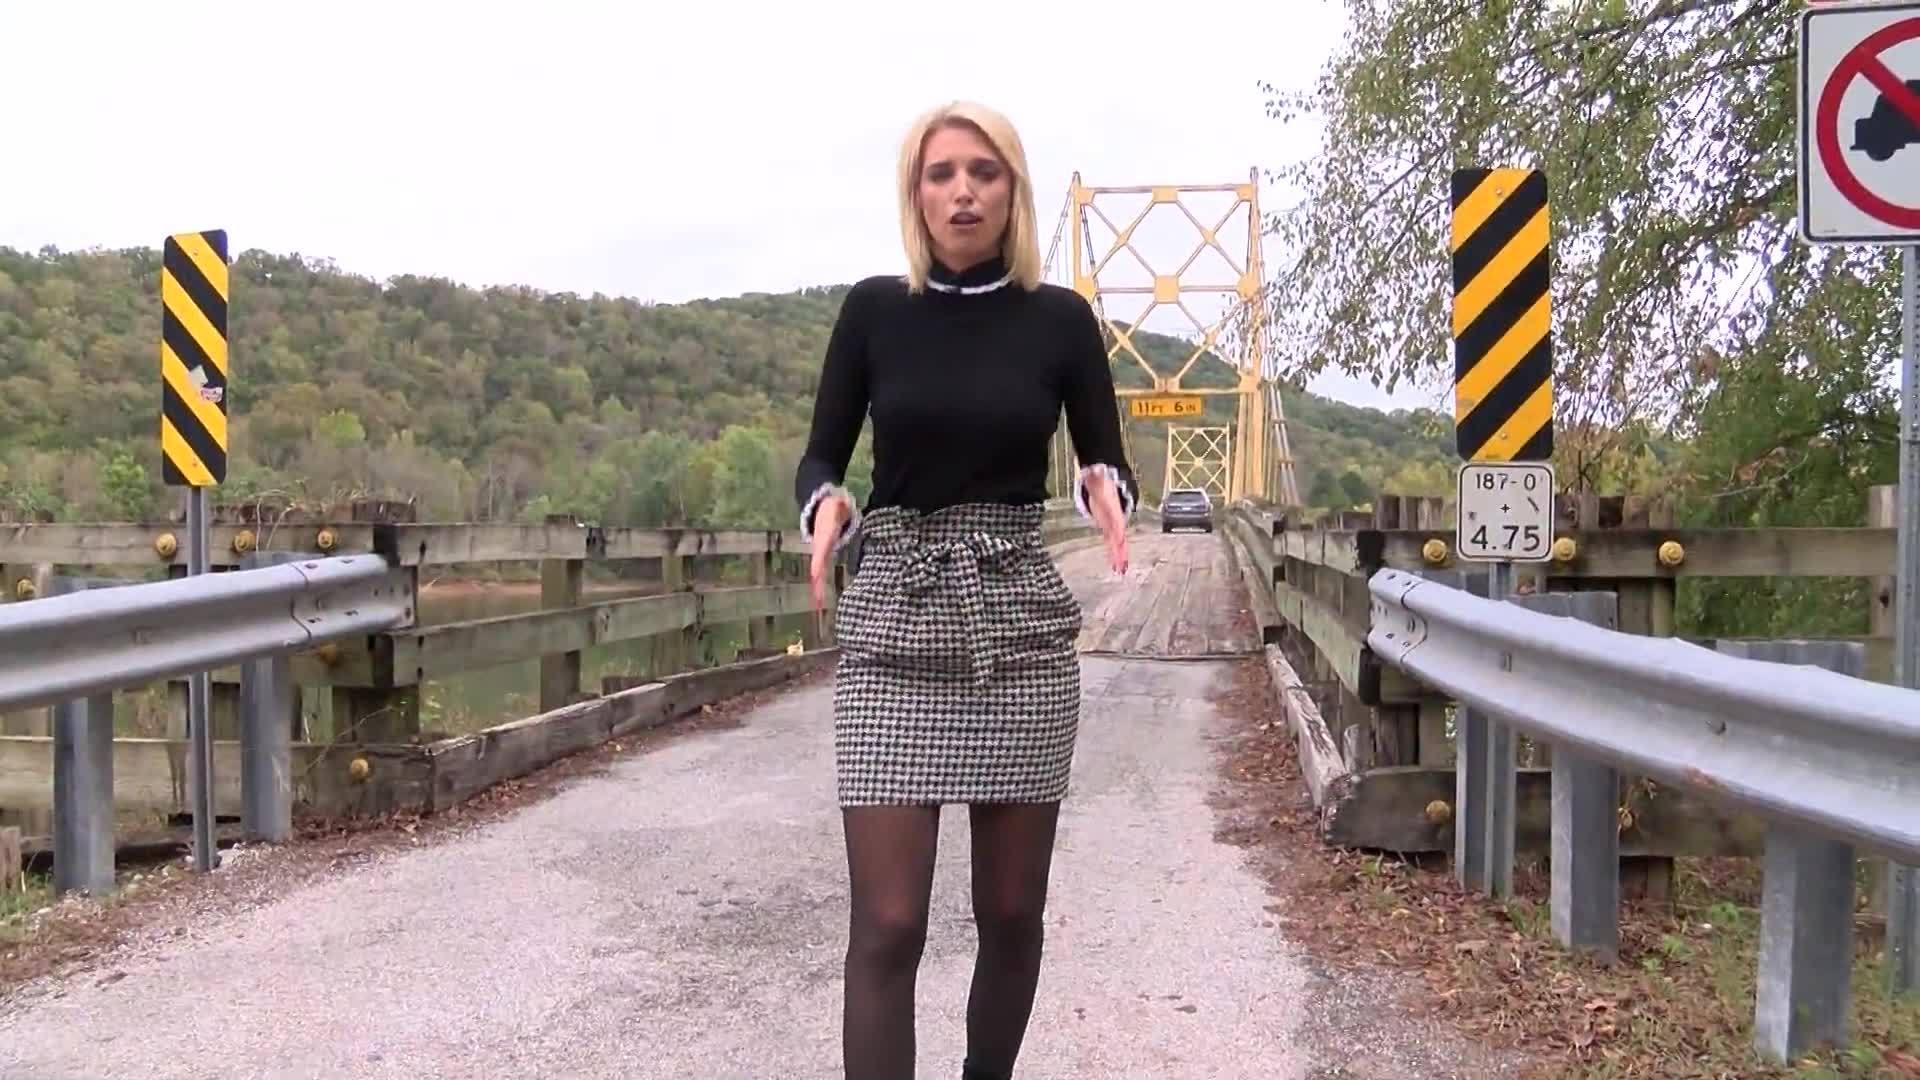 Arkansas_Bridge_Bows_after_Tour_Bus_Driv_0_20181016133633